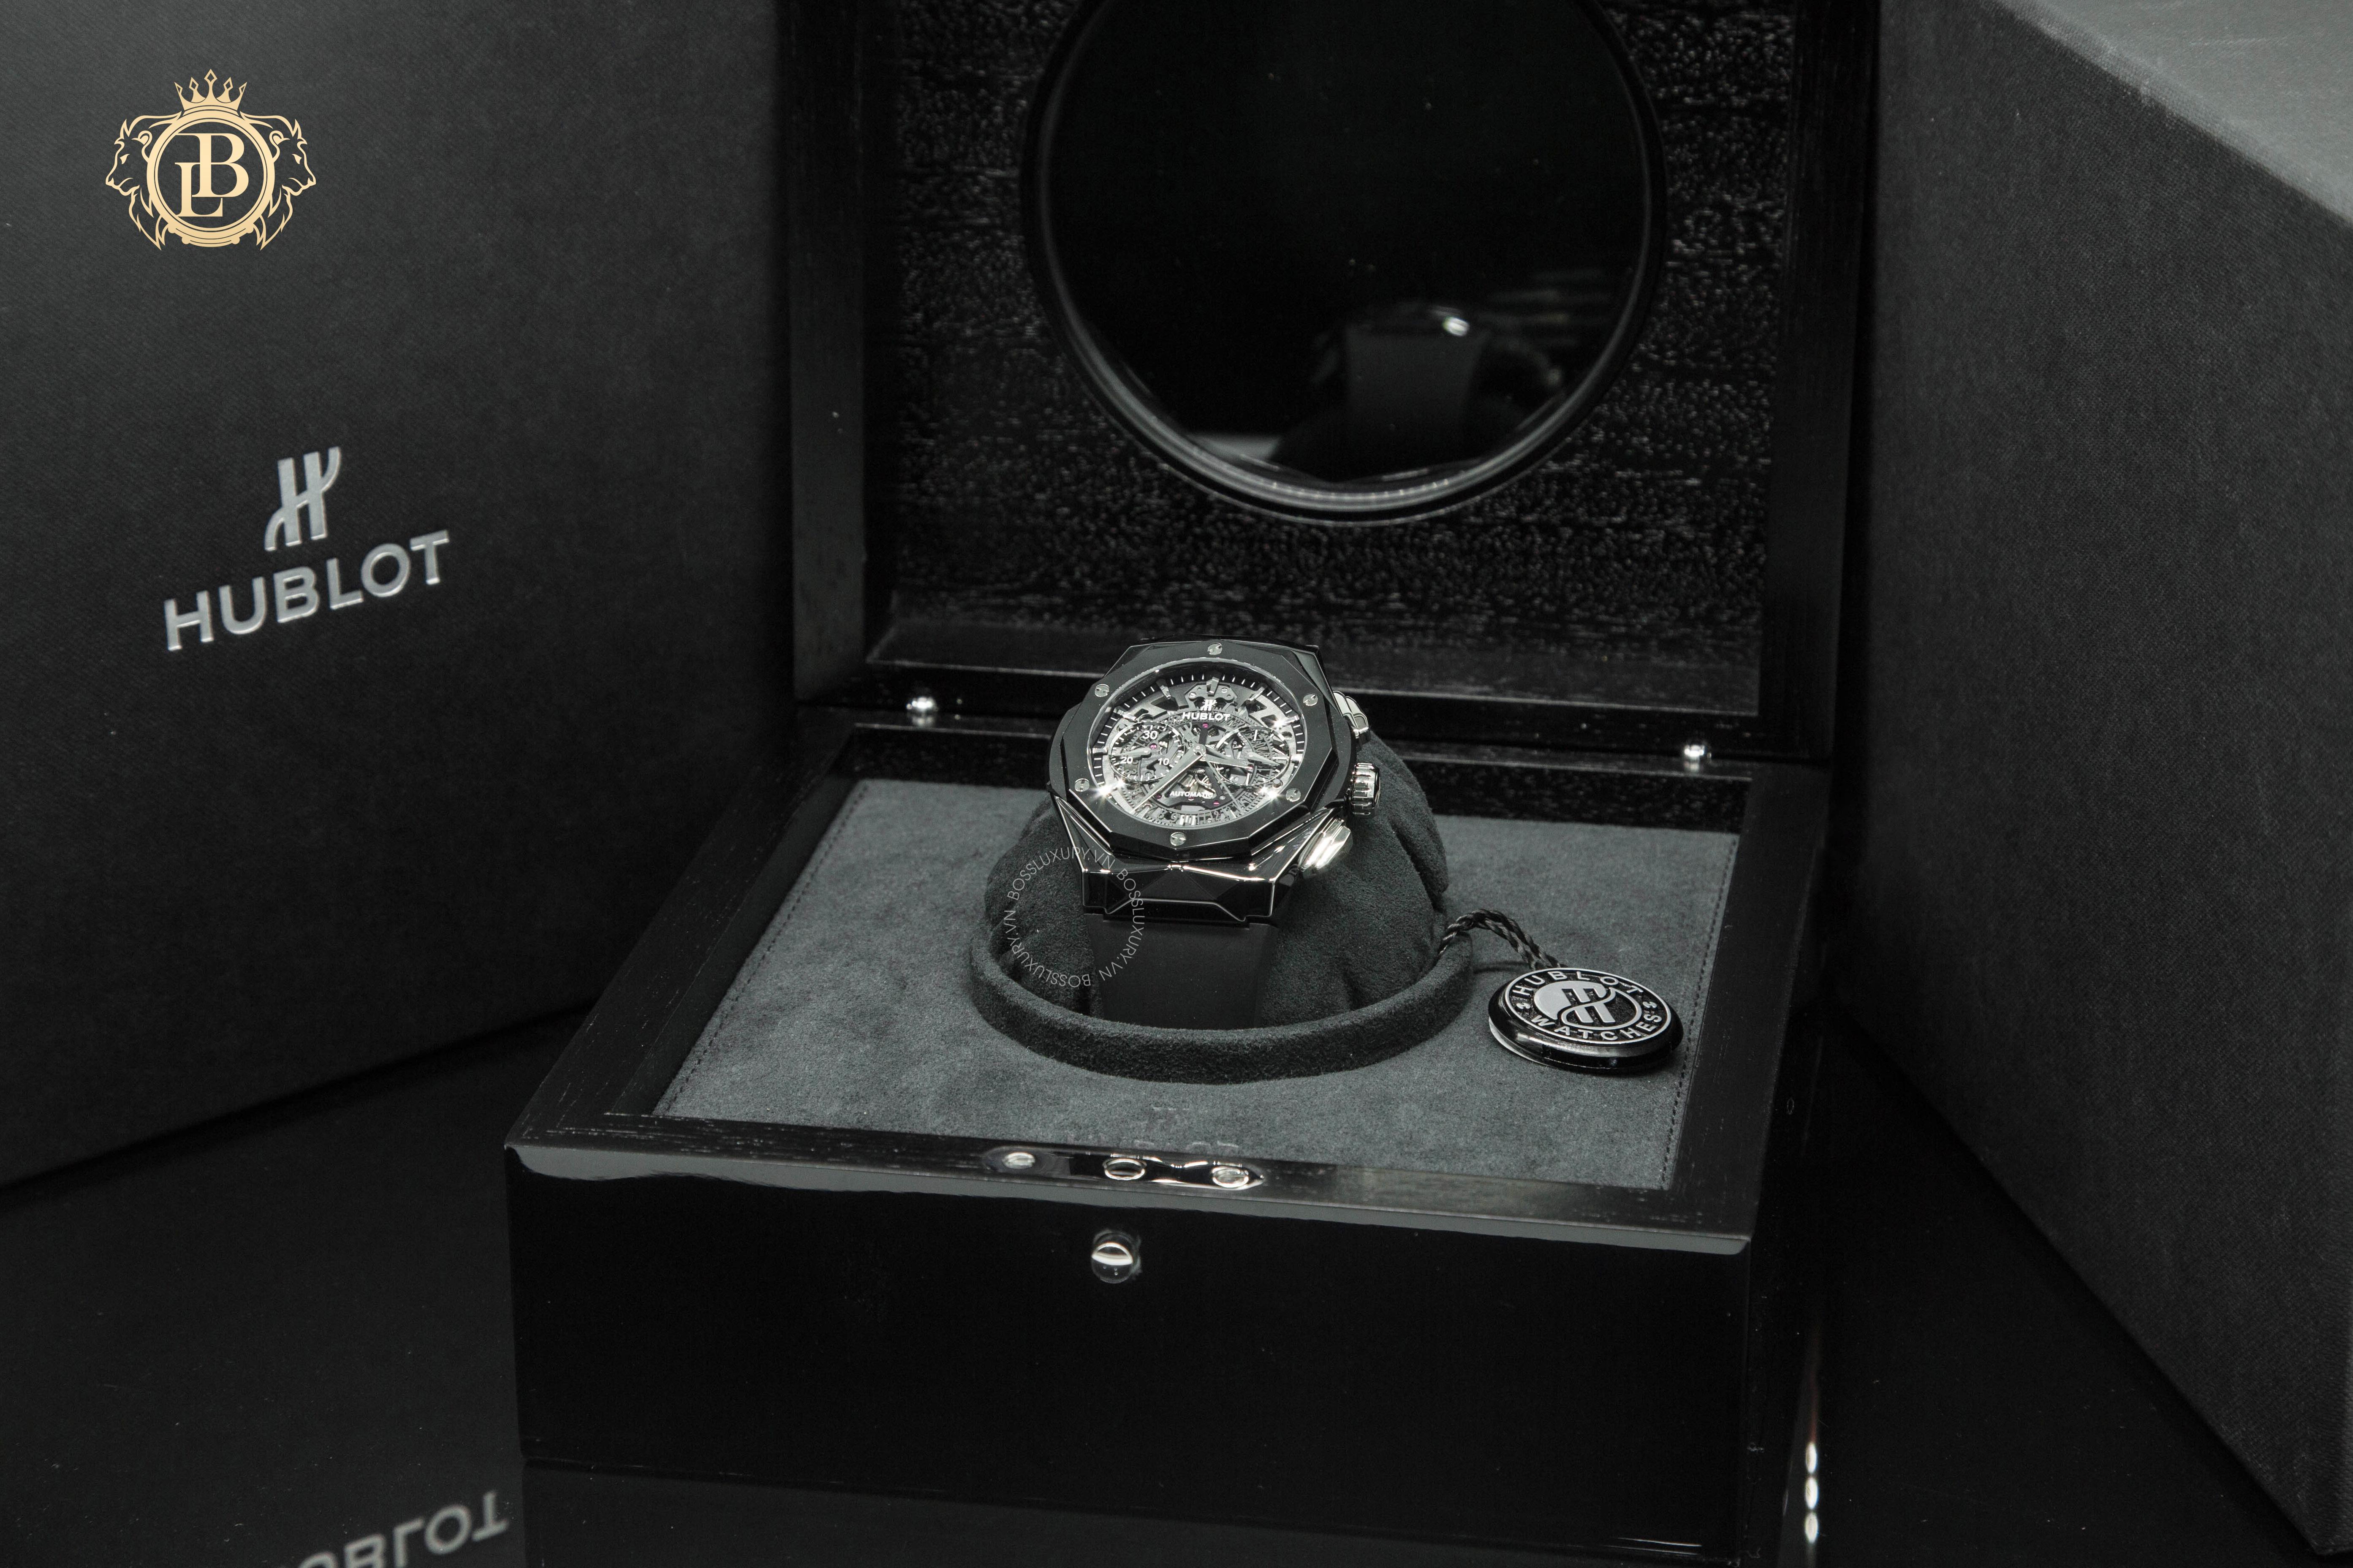 Review đồng hồ Hublot Classic Fusion Orlinski 45mm: Bứt phá trong sáng tạo